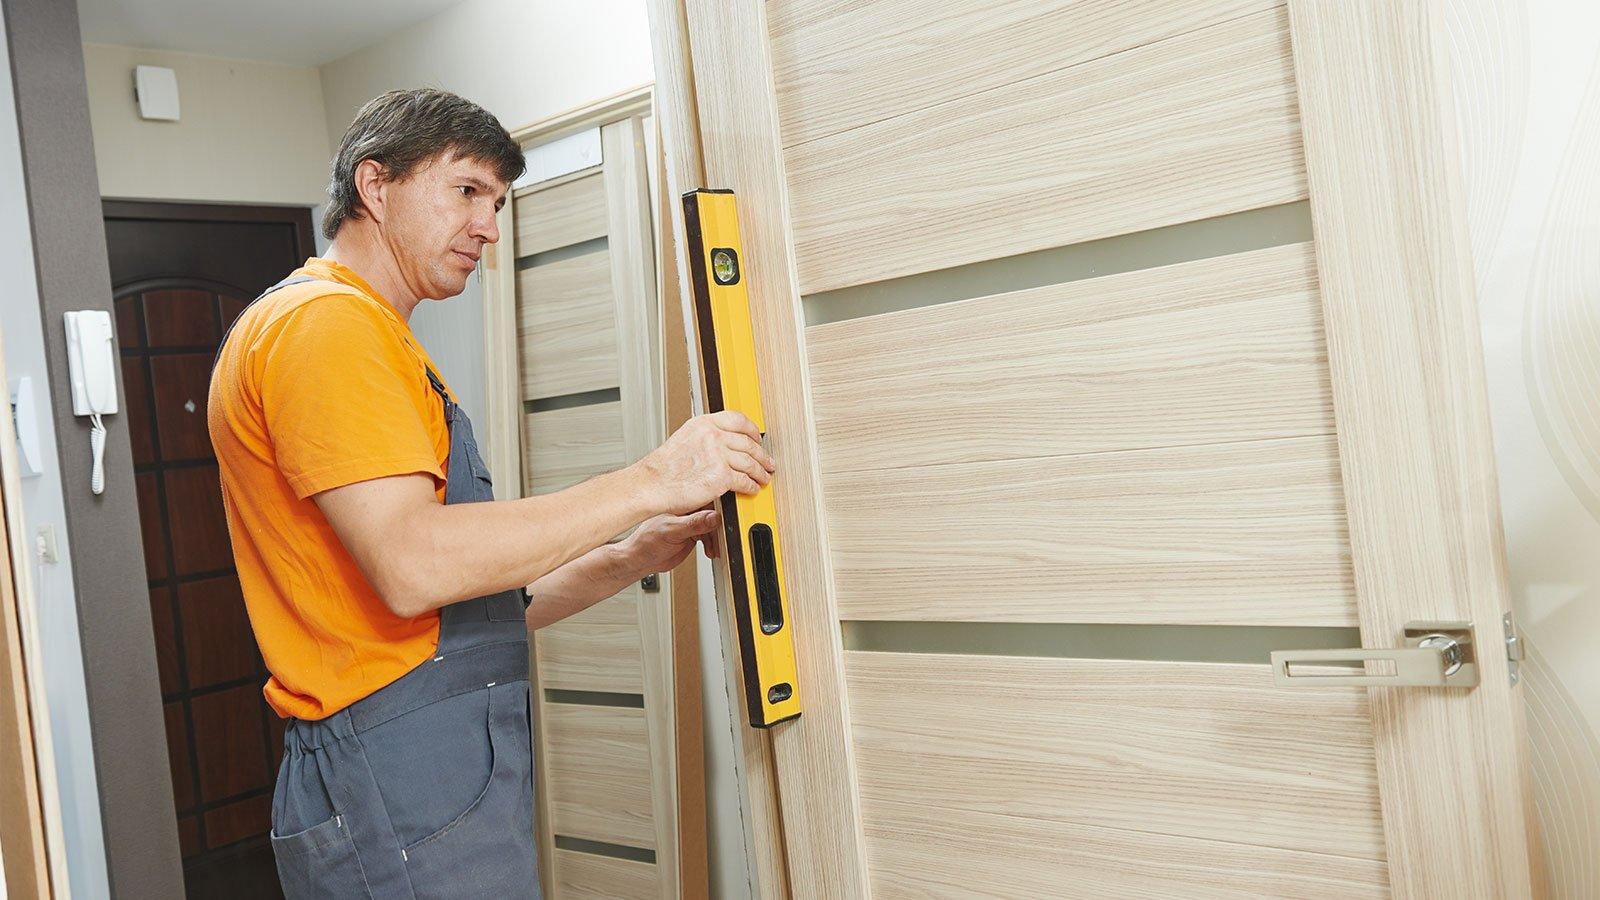 un uomo con una livella mentre misura  una porta di legno